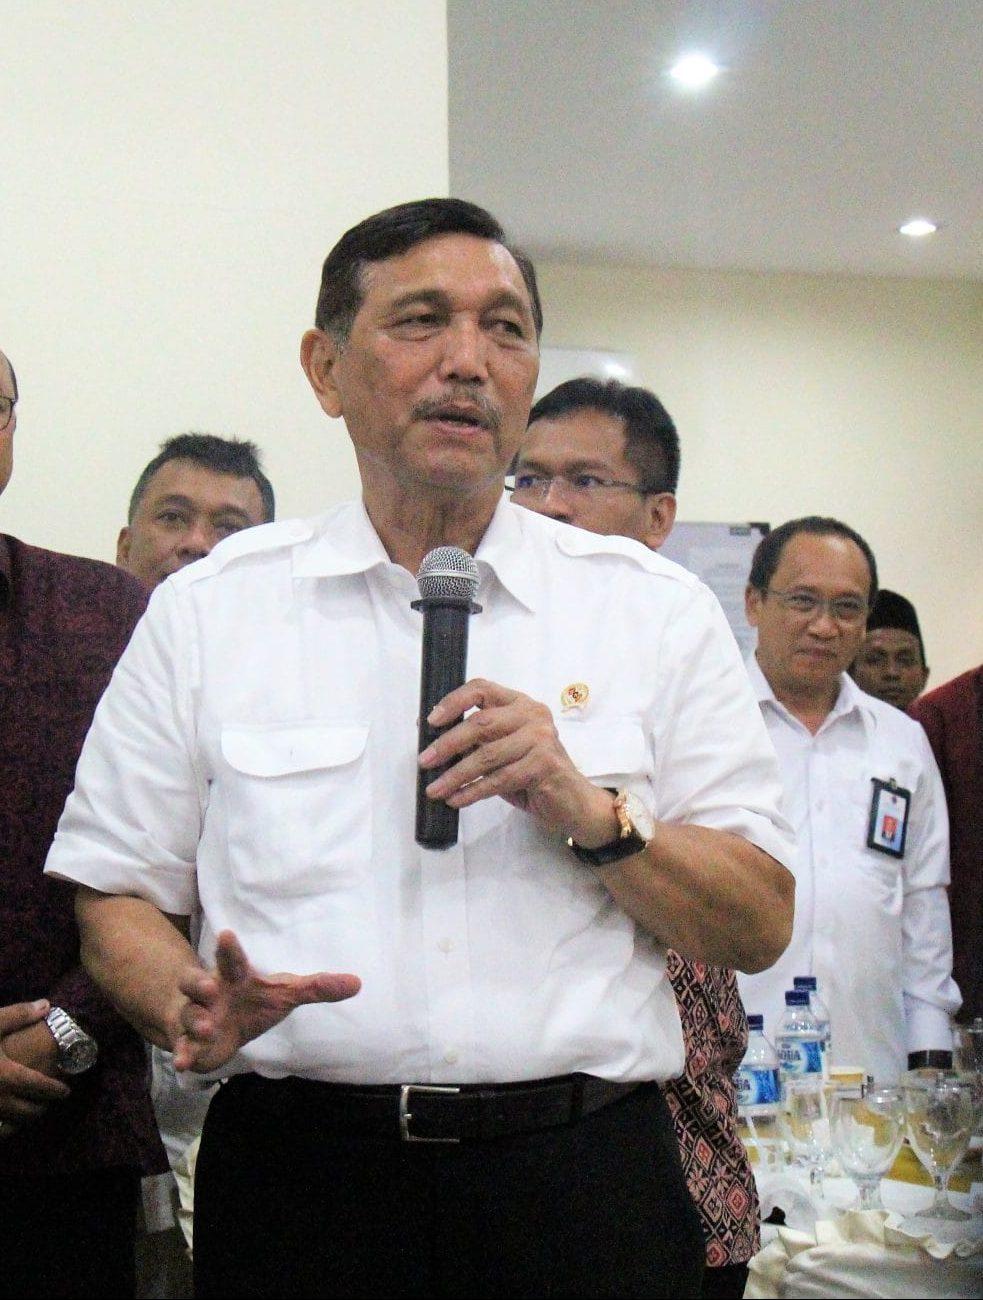 Minat Investor Tinggi, Menko Luhut Pantau Pembangunan Jalan Tol hingga Pembersihan Keramba di Sumut